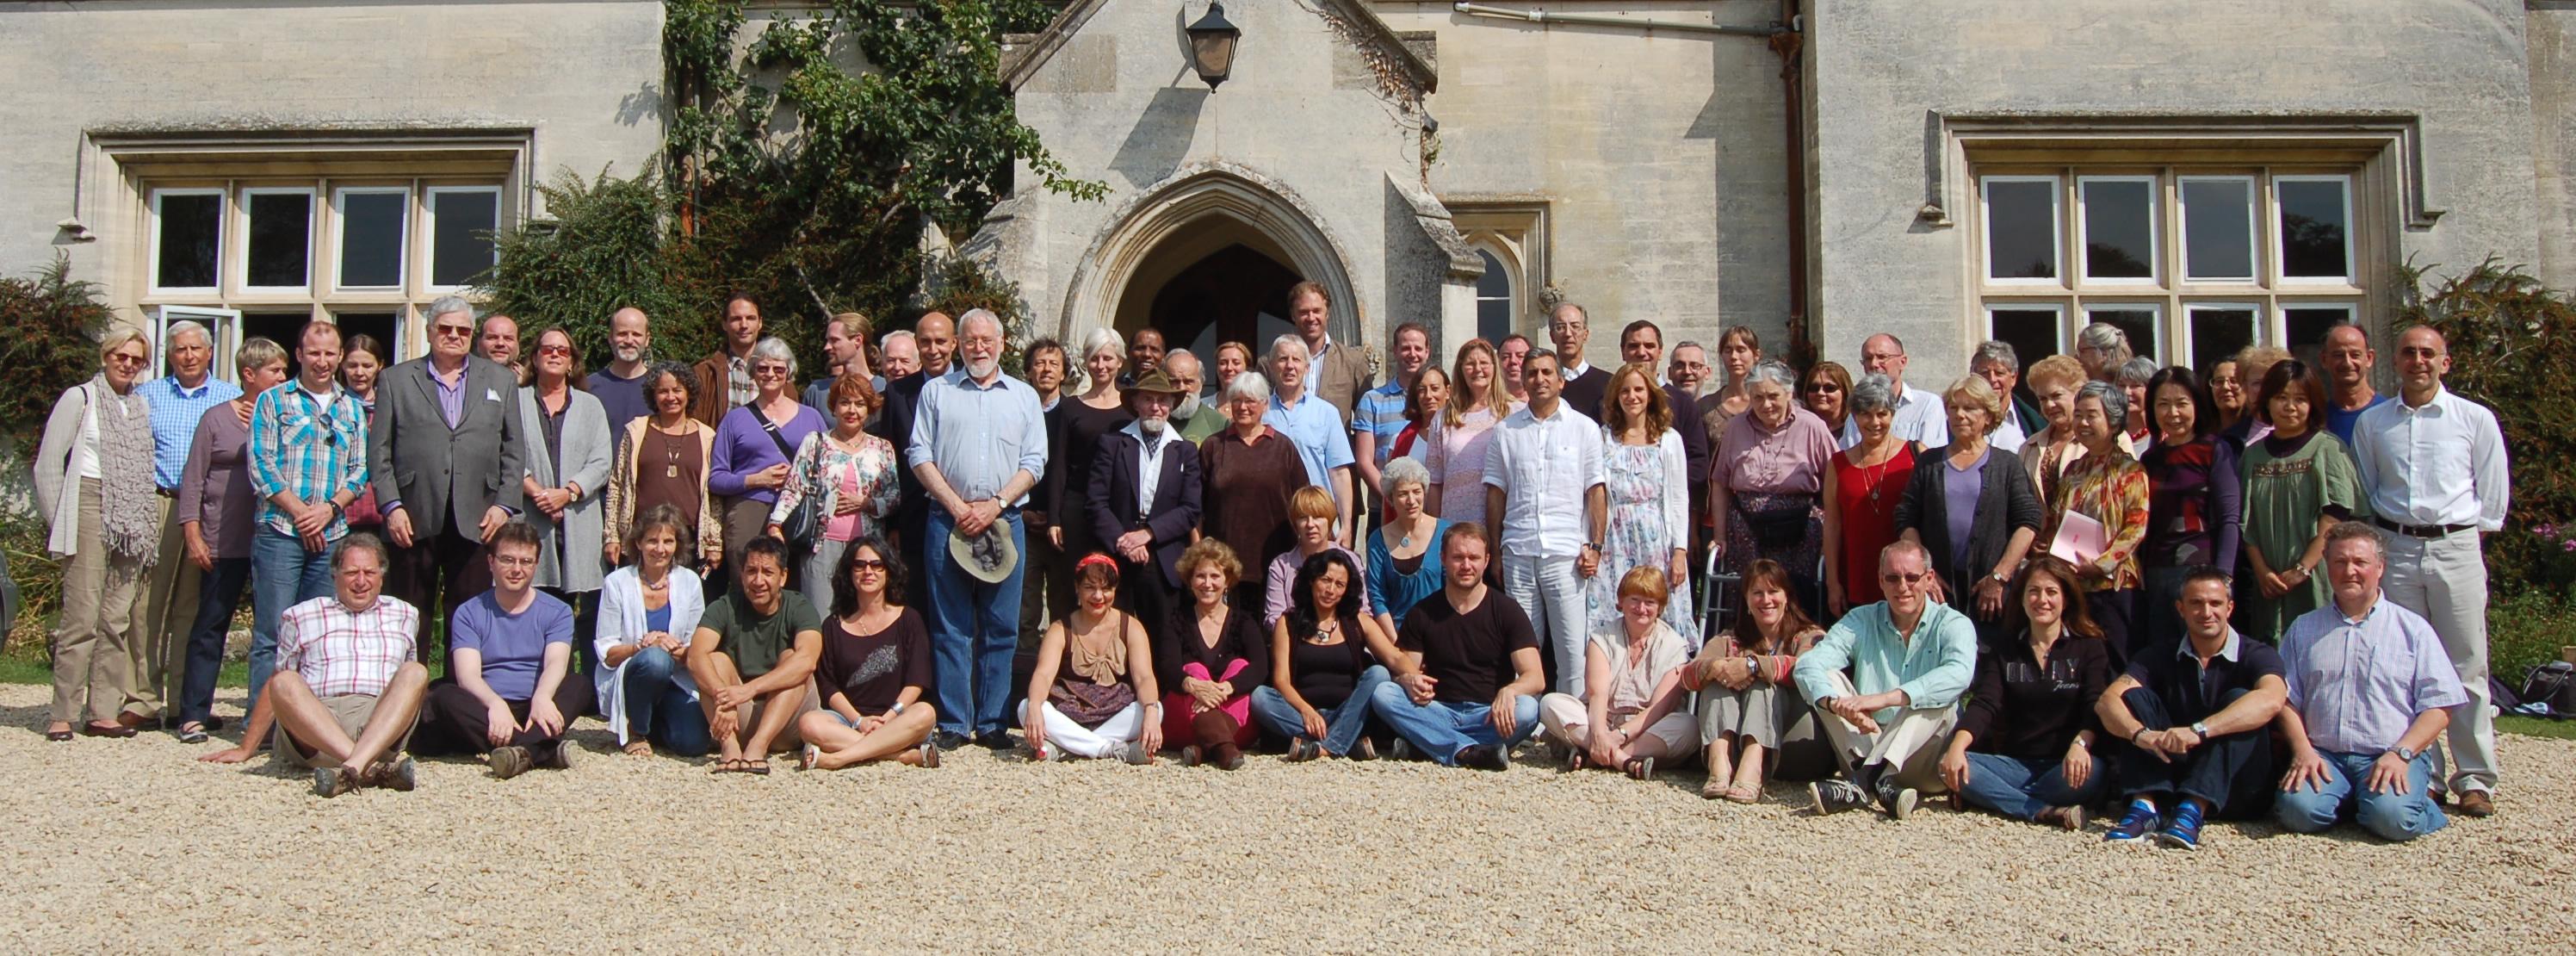 Kabbalah Society 2011 Participants Group Photo